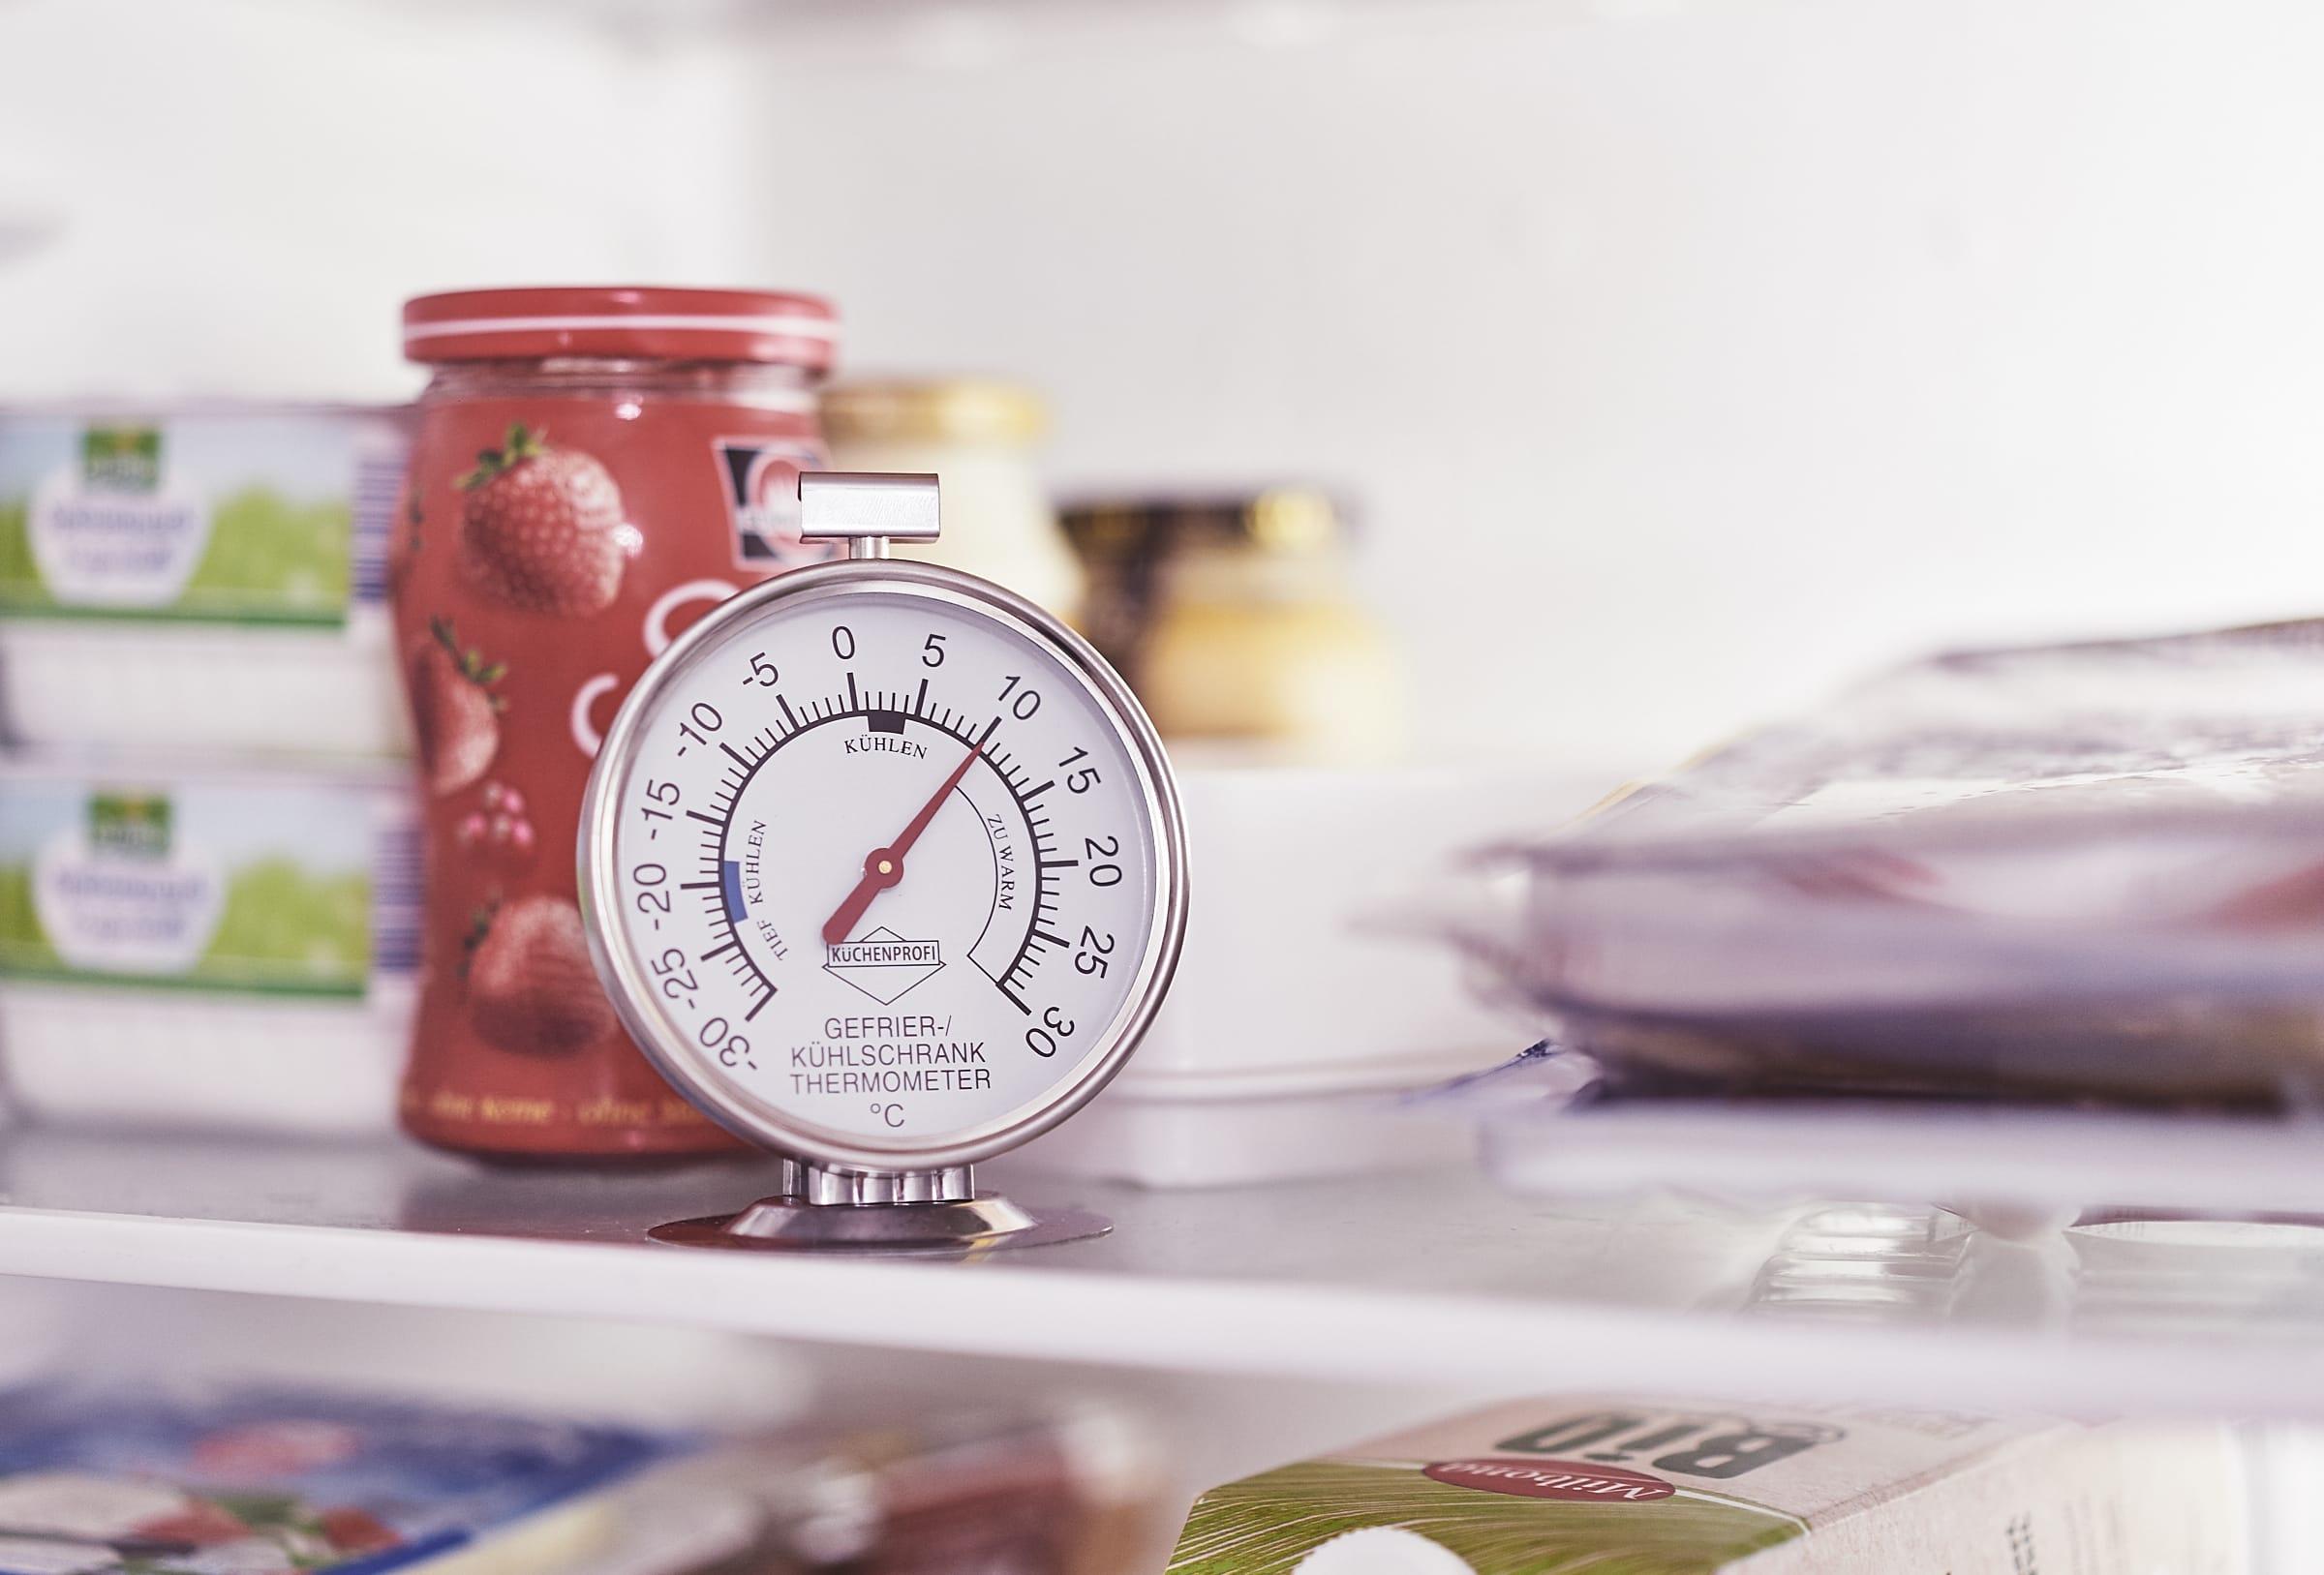 Gorenje Kühlschrank Temperaturregler : Kühlschrank temperatur einstellen küche büro regeln bÜroregale